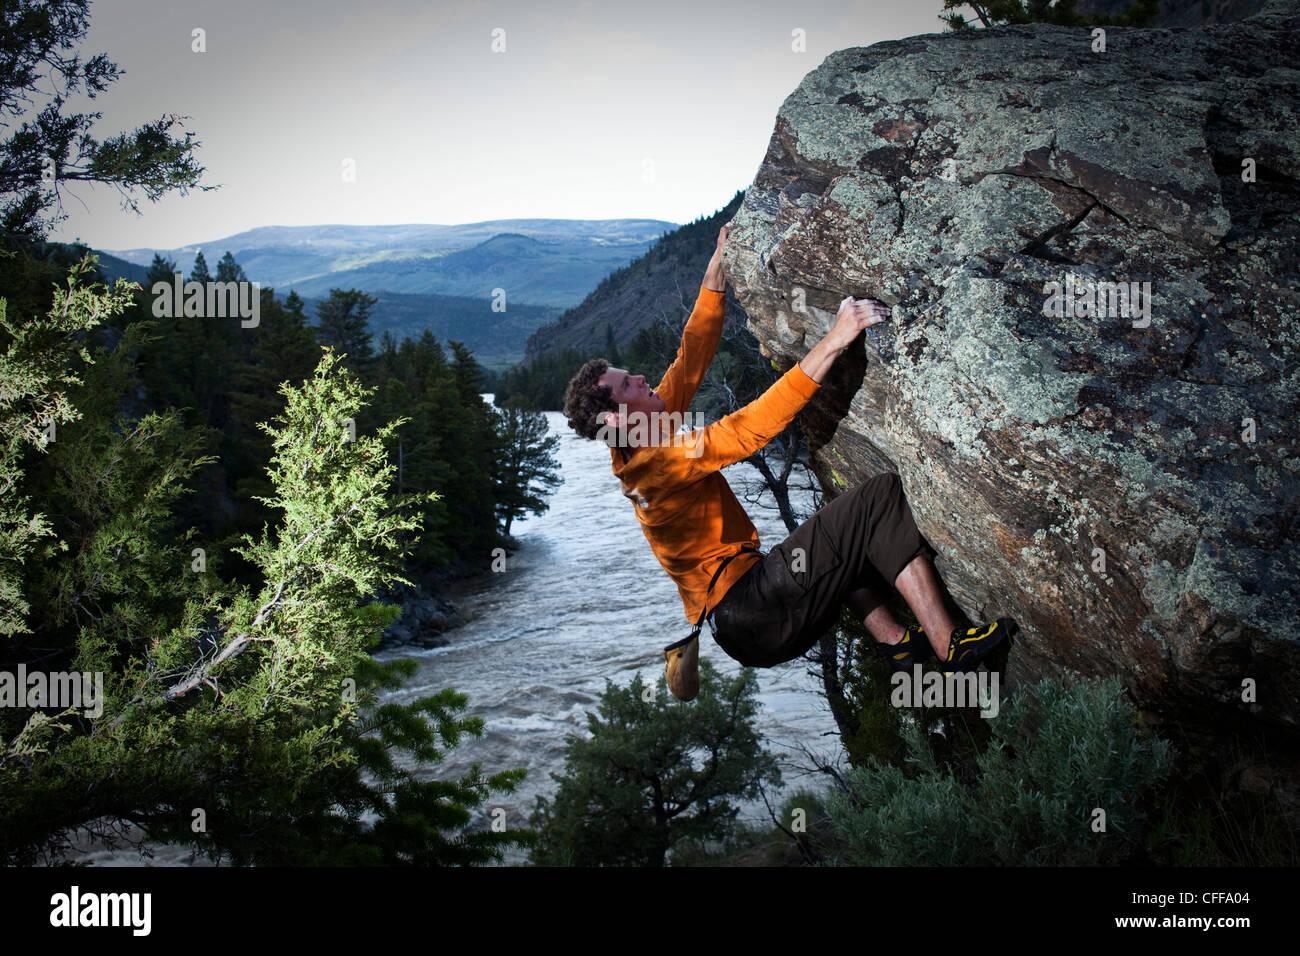 Un hombre atlético trepar rocas por encima de un río en Montana. Imagen De Stock